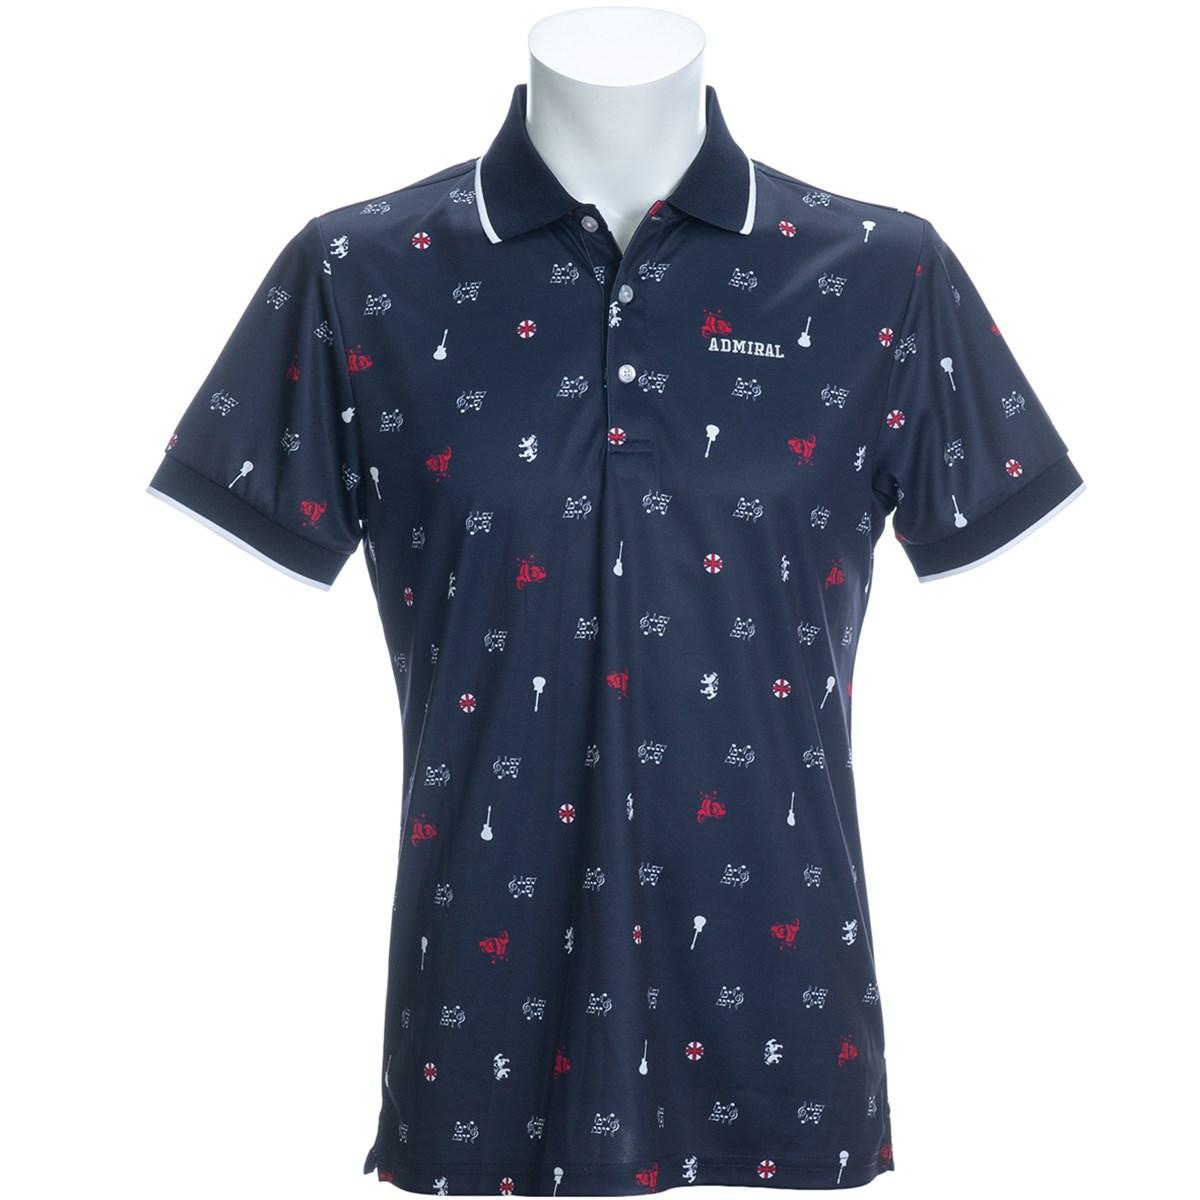 アドミラル アイコン総柄 半袖ポロシャツ